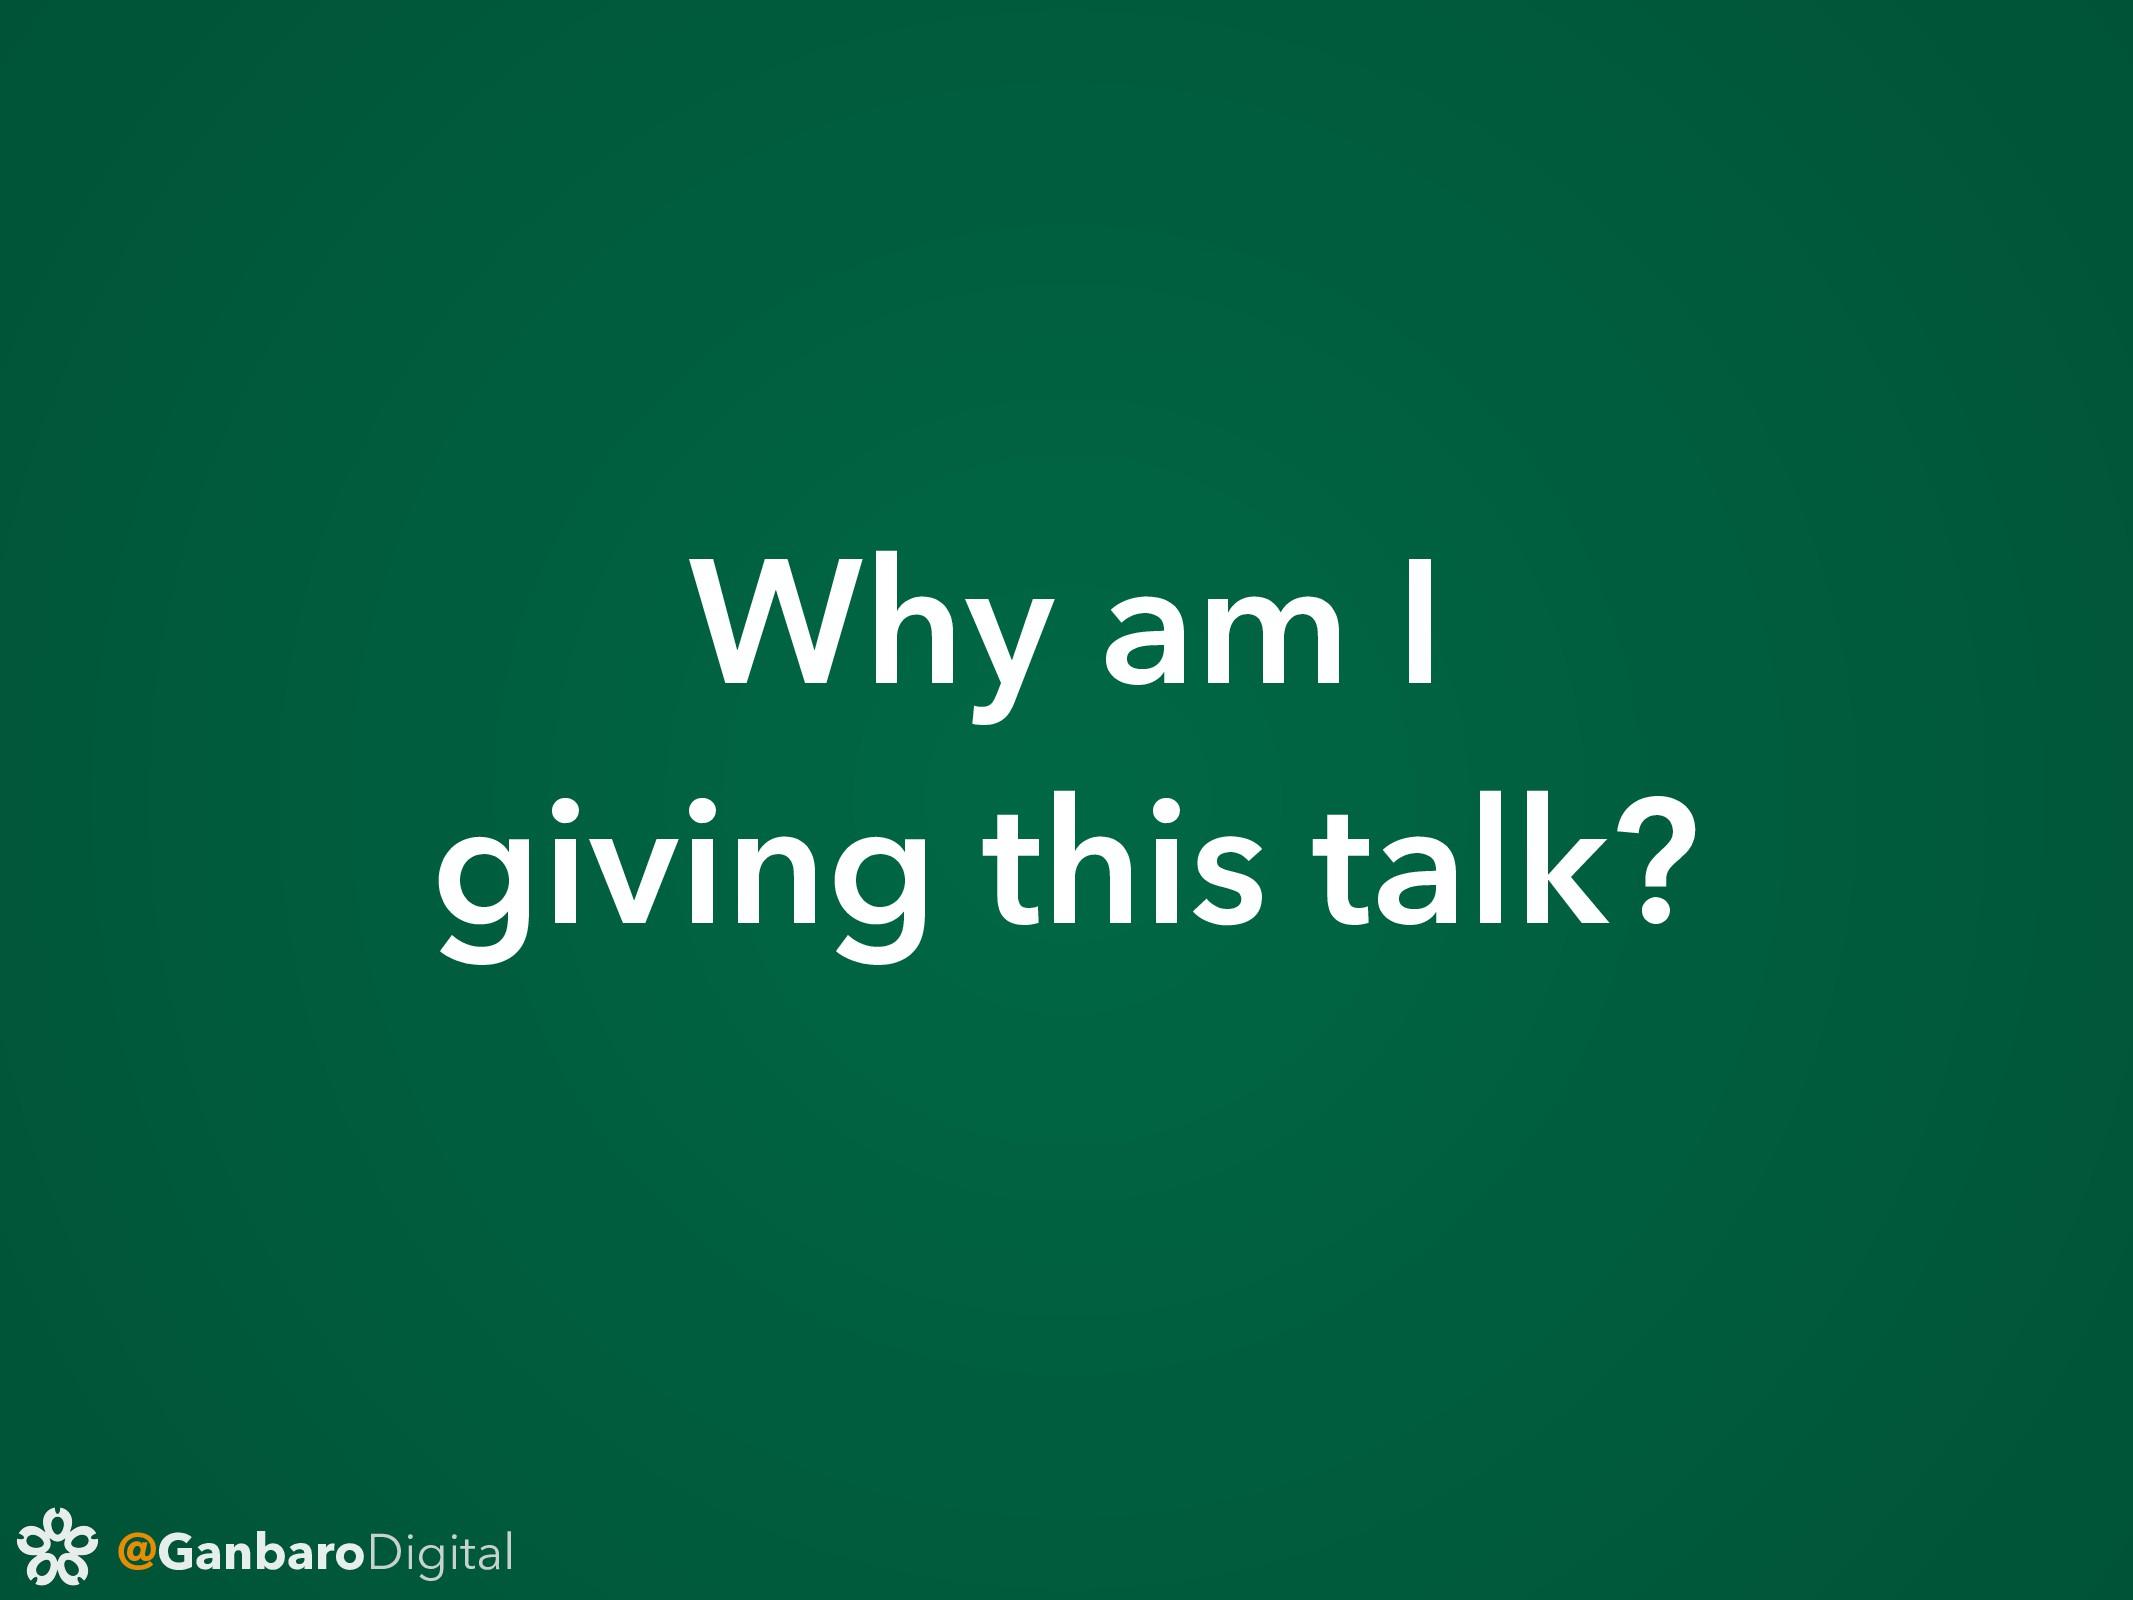 @GanbaroDigital Why am I giving this talk?